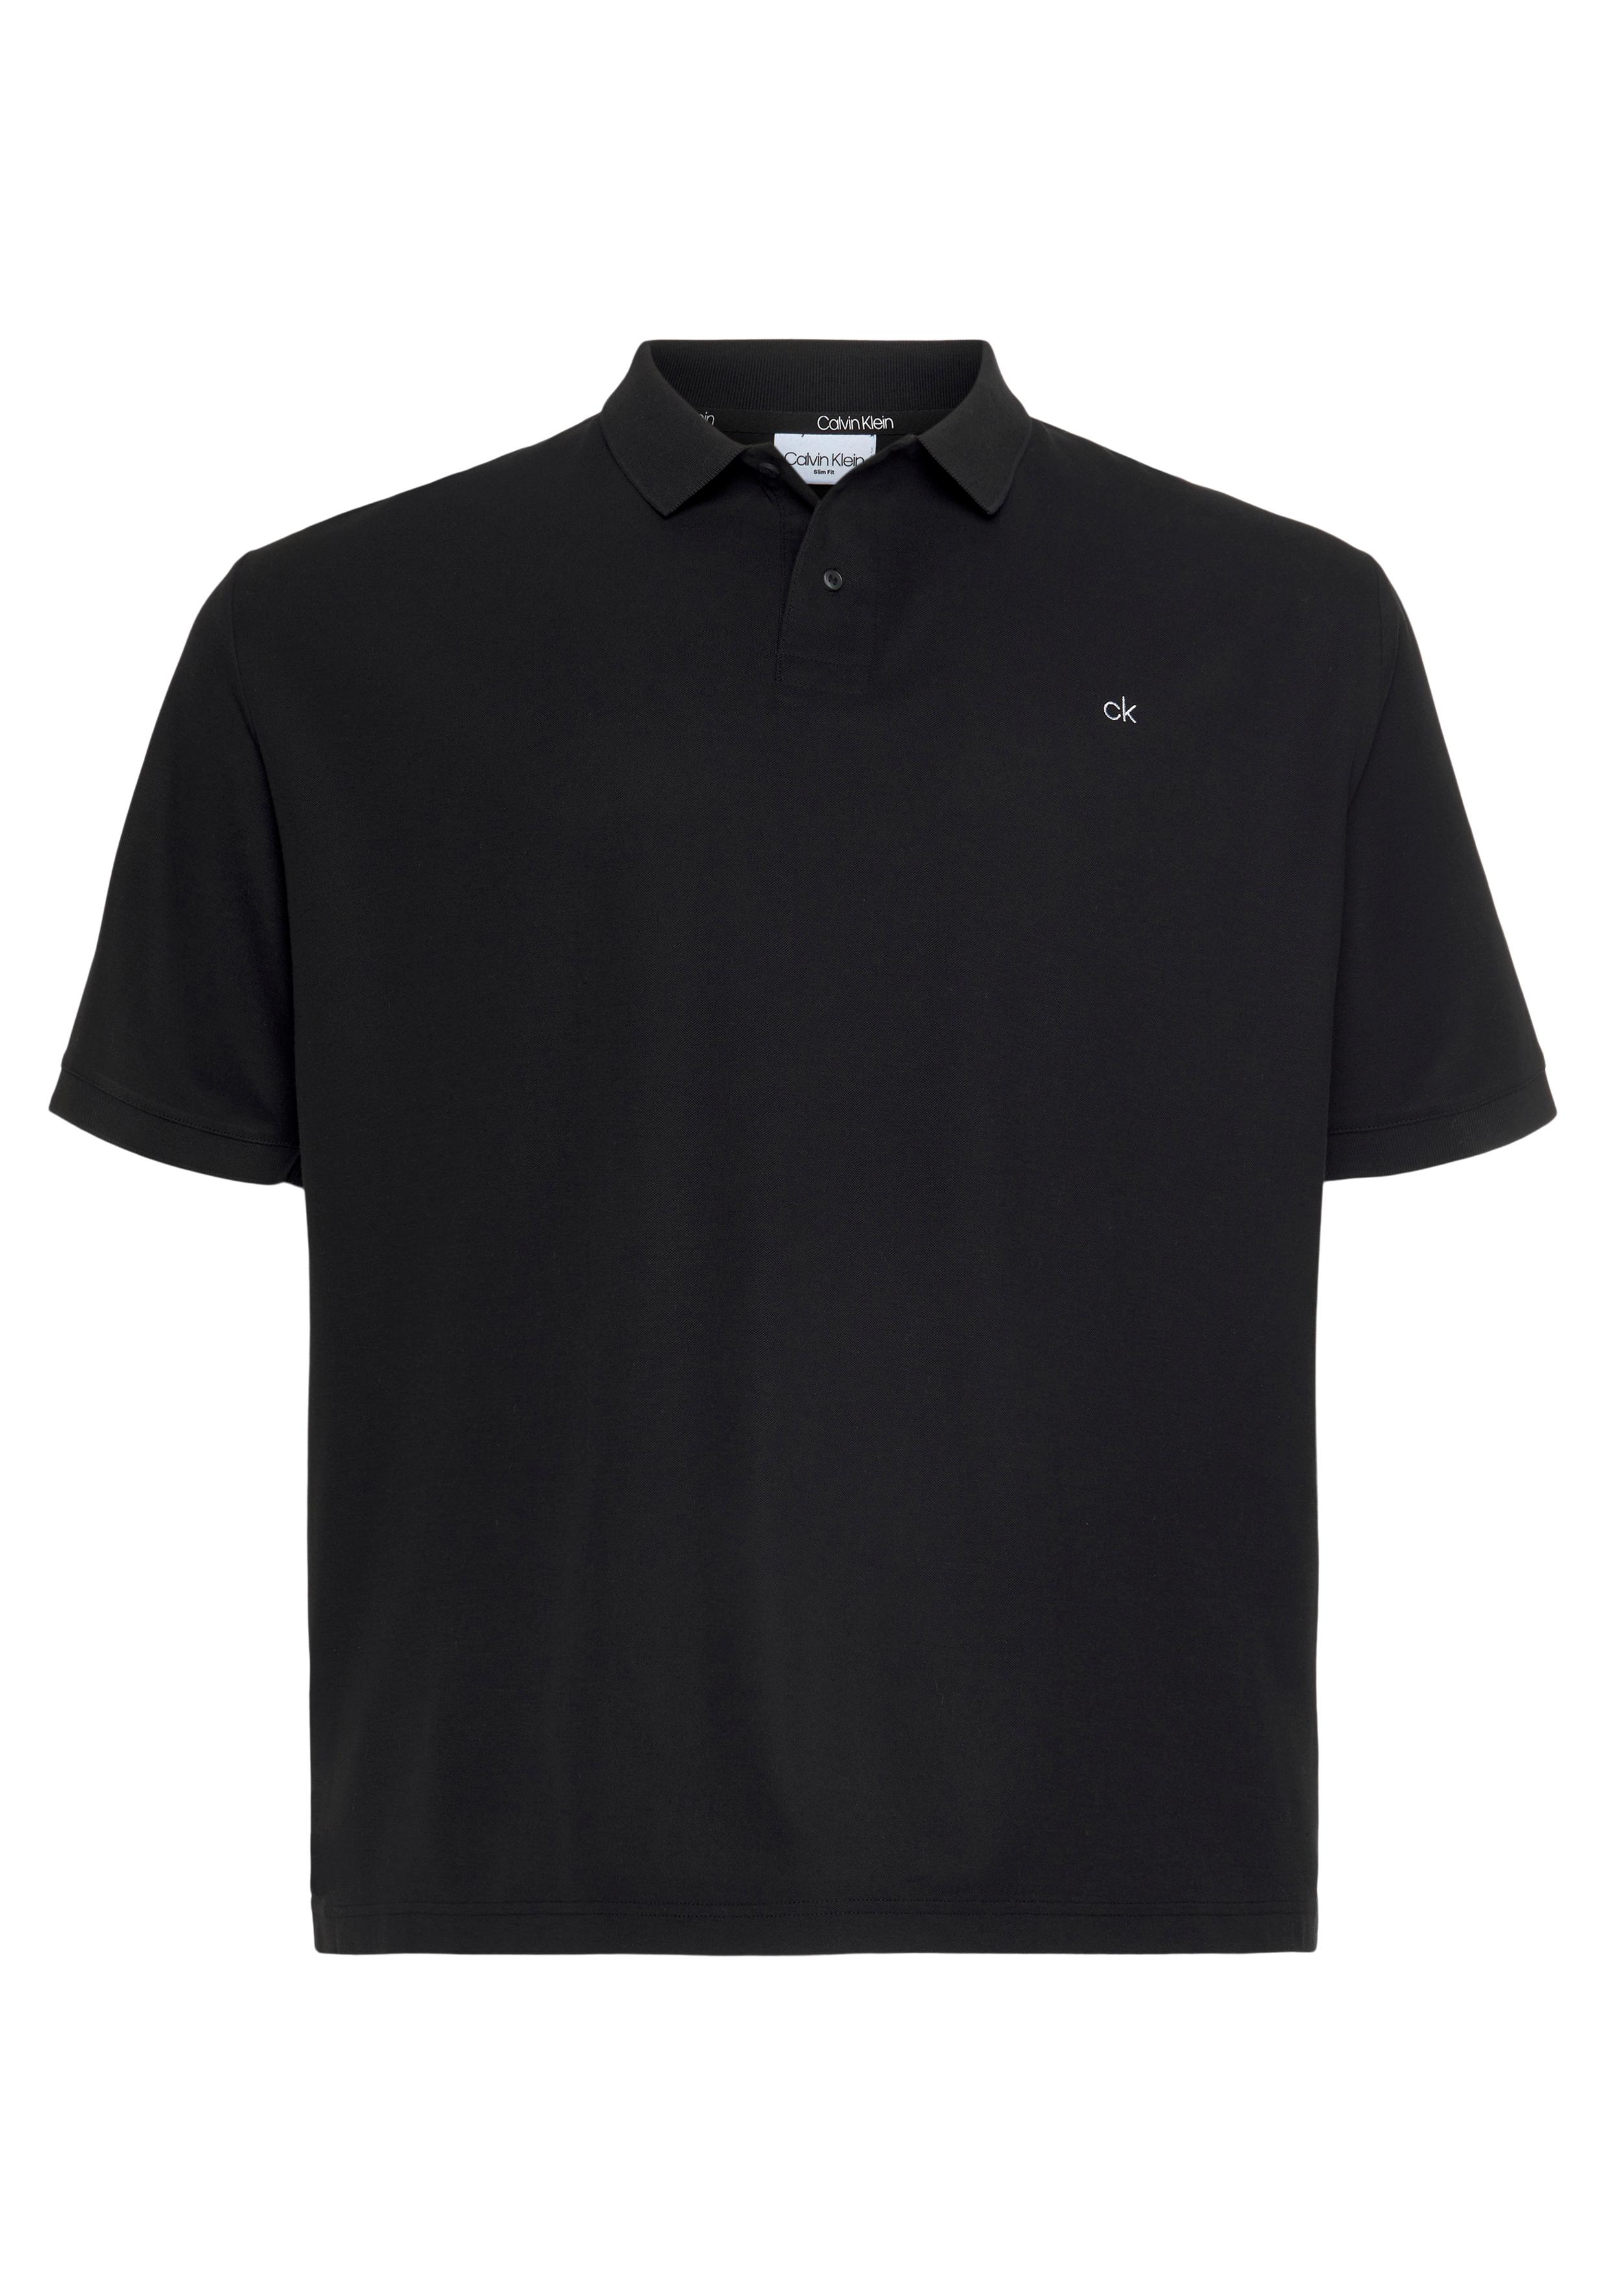 calvin klein big&tall -  Poloshirt BT-REFINED PIQUE LOGO SLIM POLO